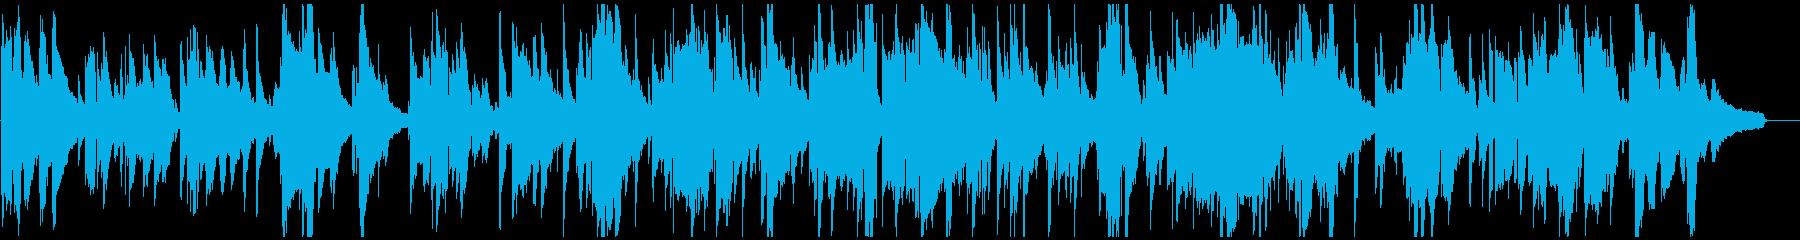 素敵なムードのジャズバラード 生サックスの再生済みの波形